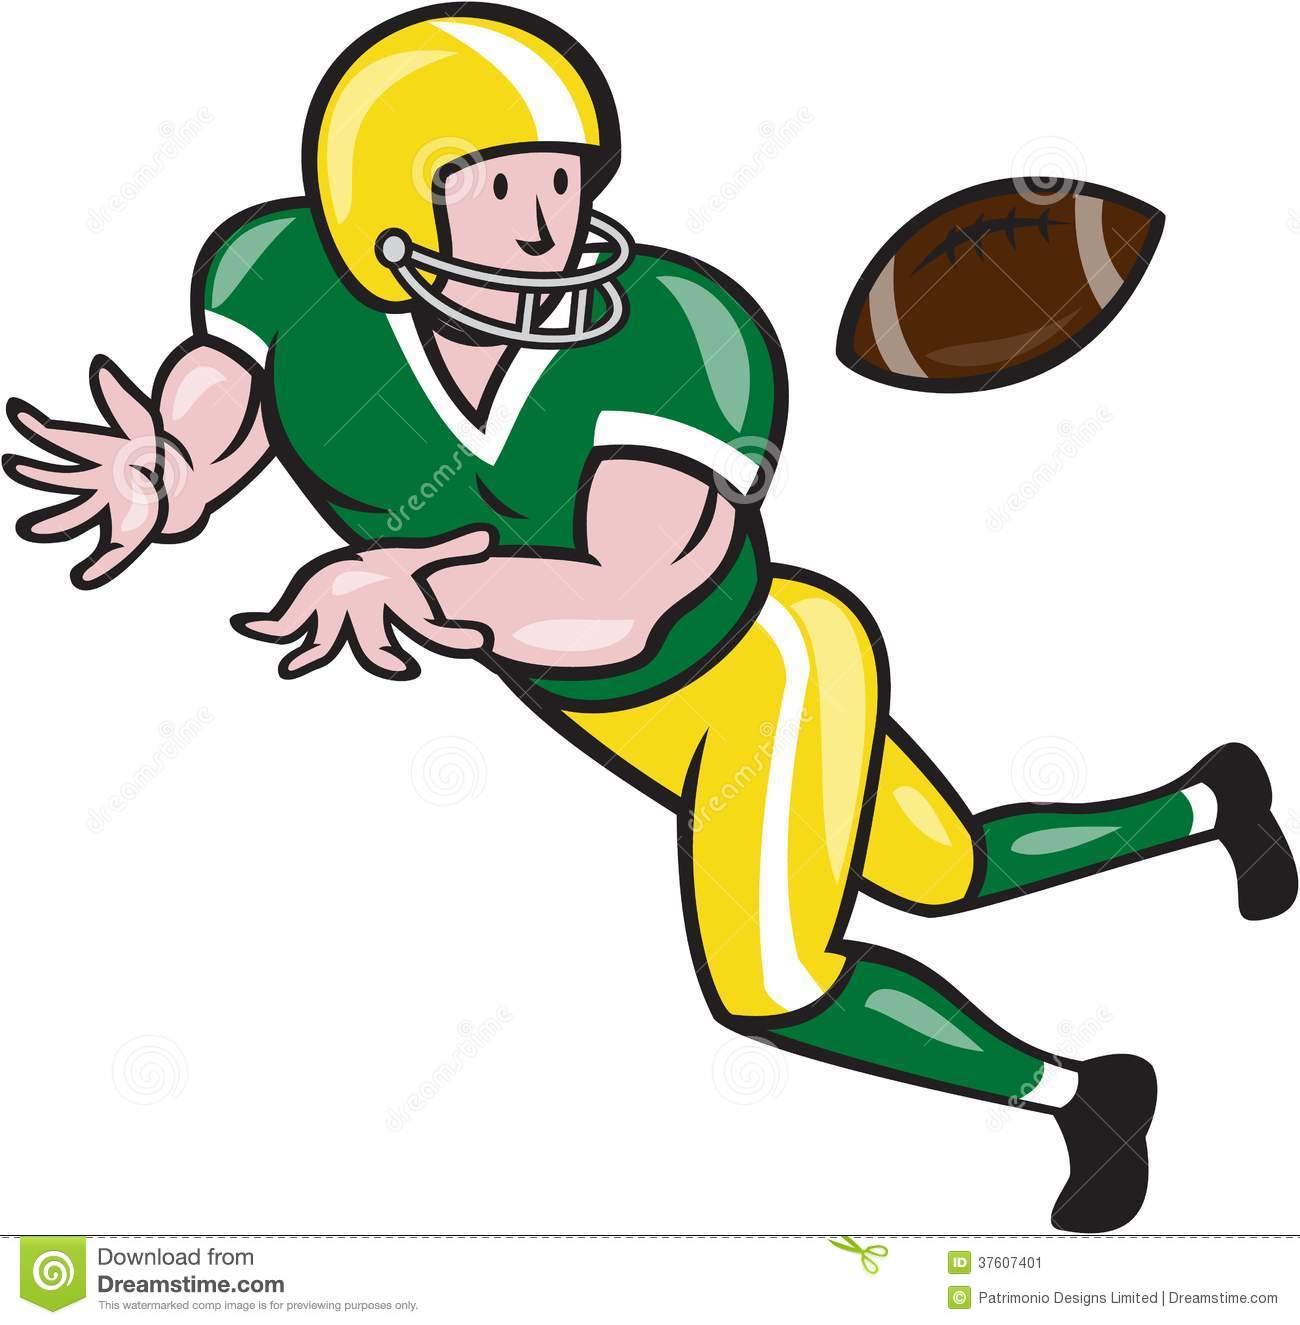 Football clipart cartoon #3